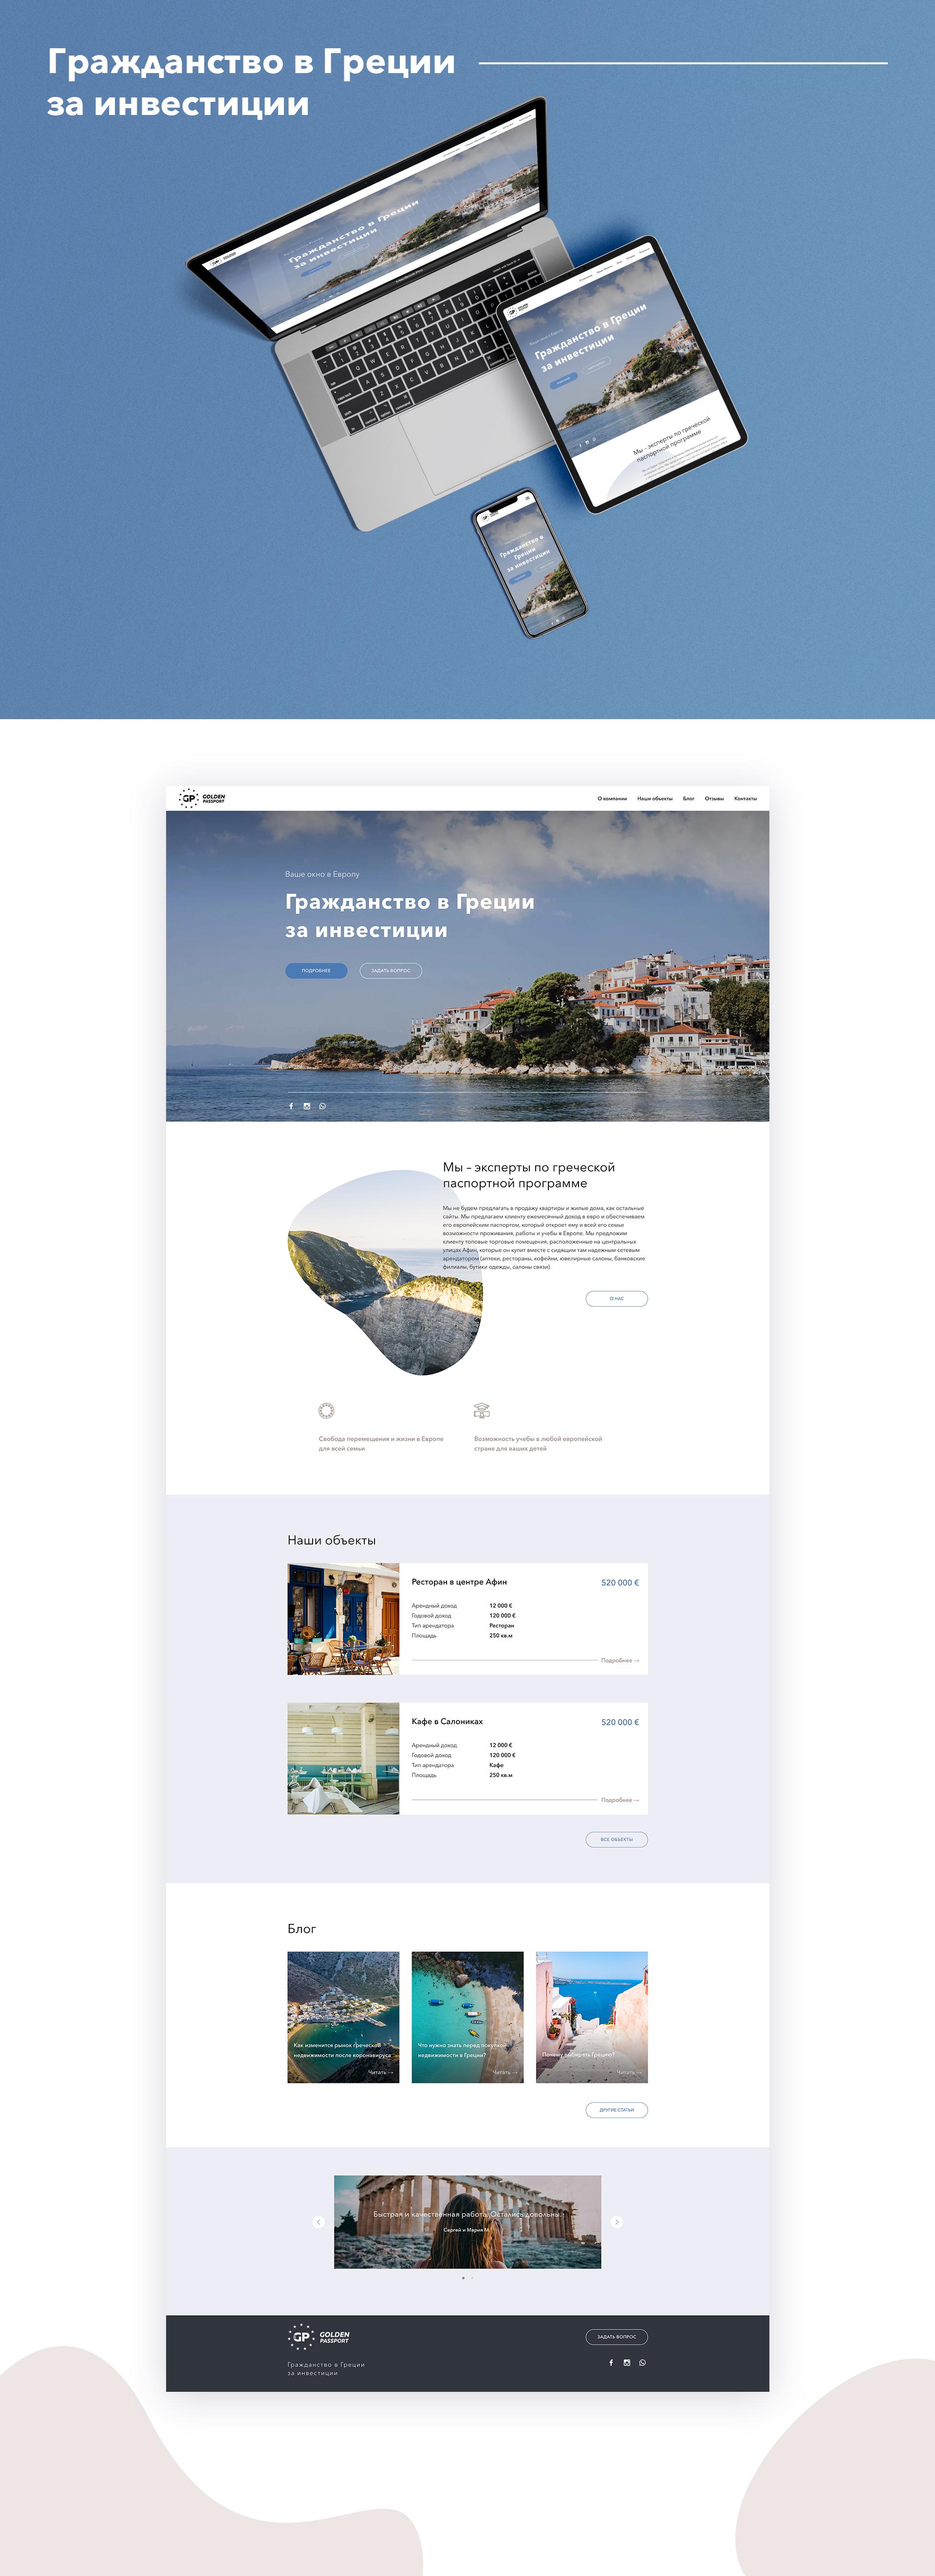 Гражданство в Греции за инвестиции / Tilda